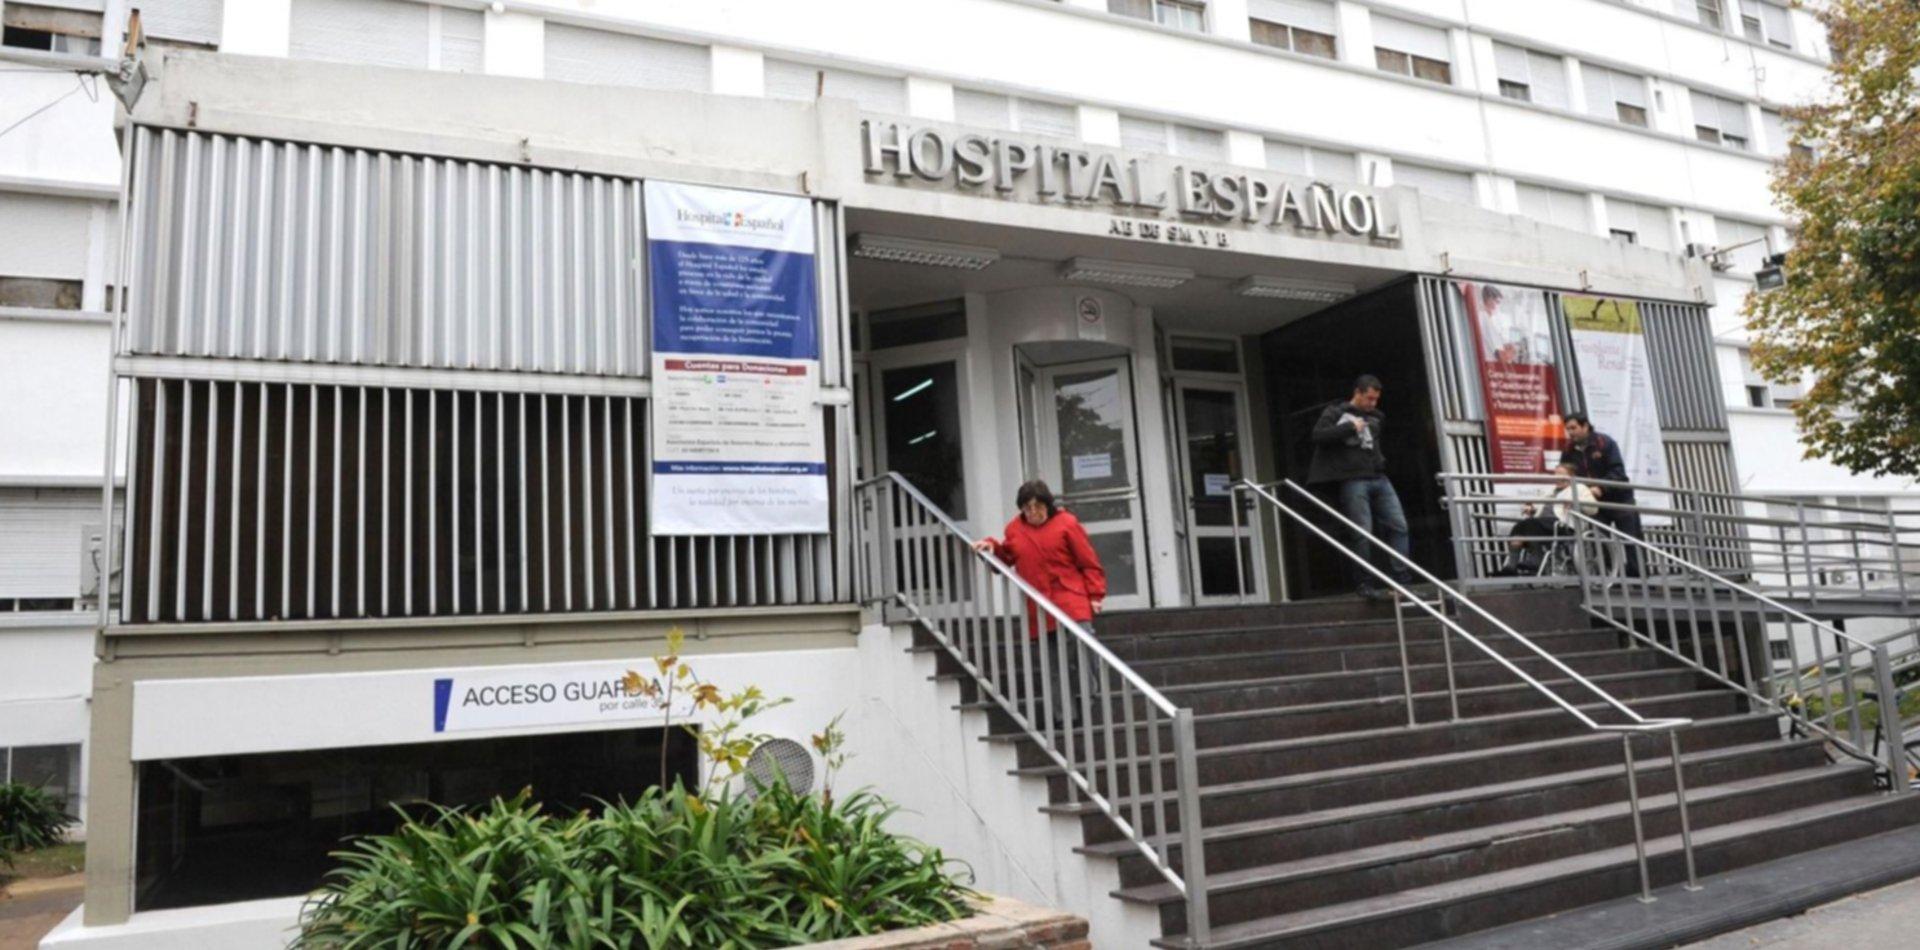 Murió una vecina de Ensenada que estaba internada en el hospital Español y tenía COVID-19